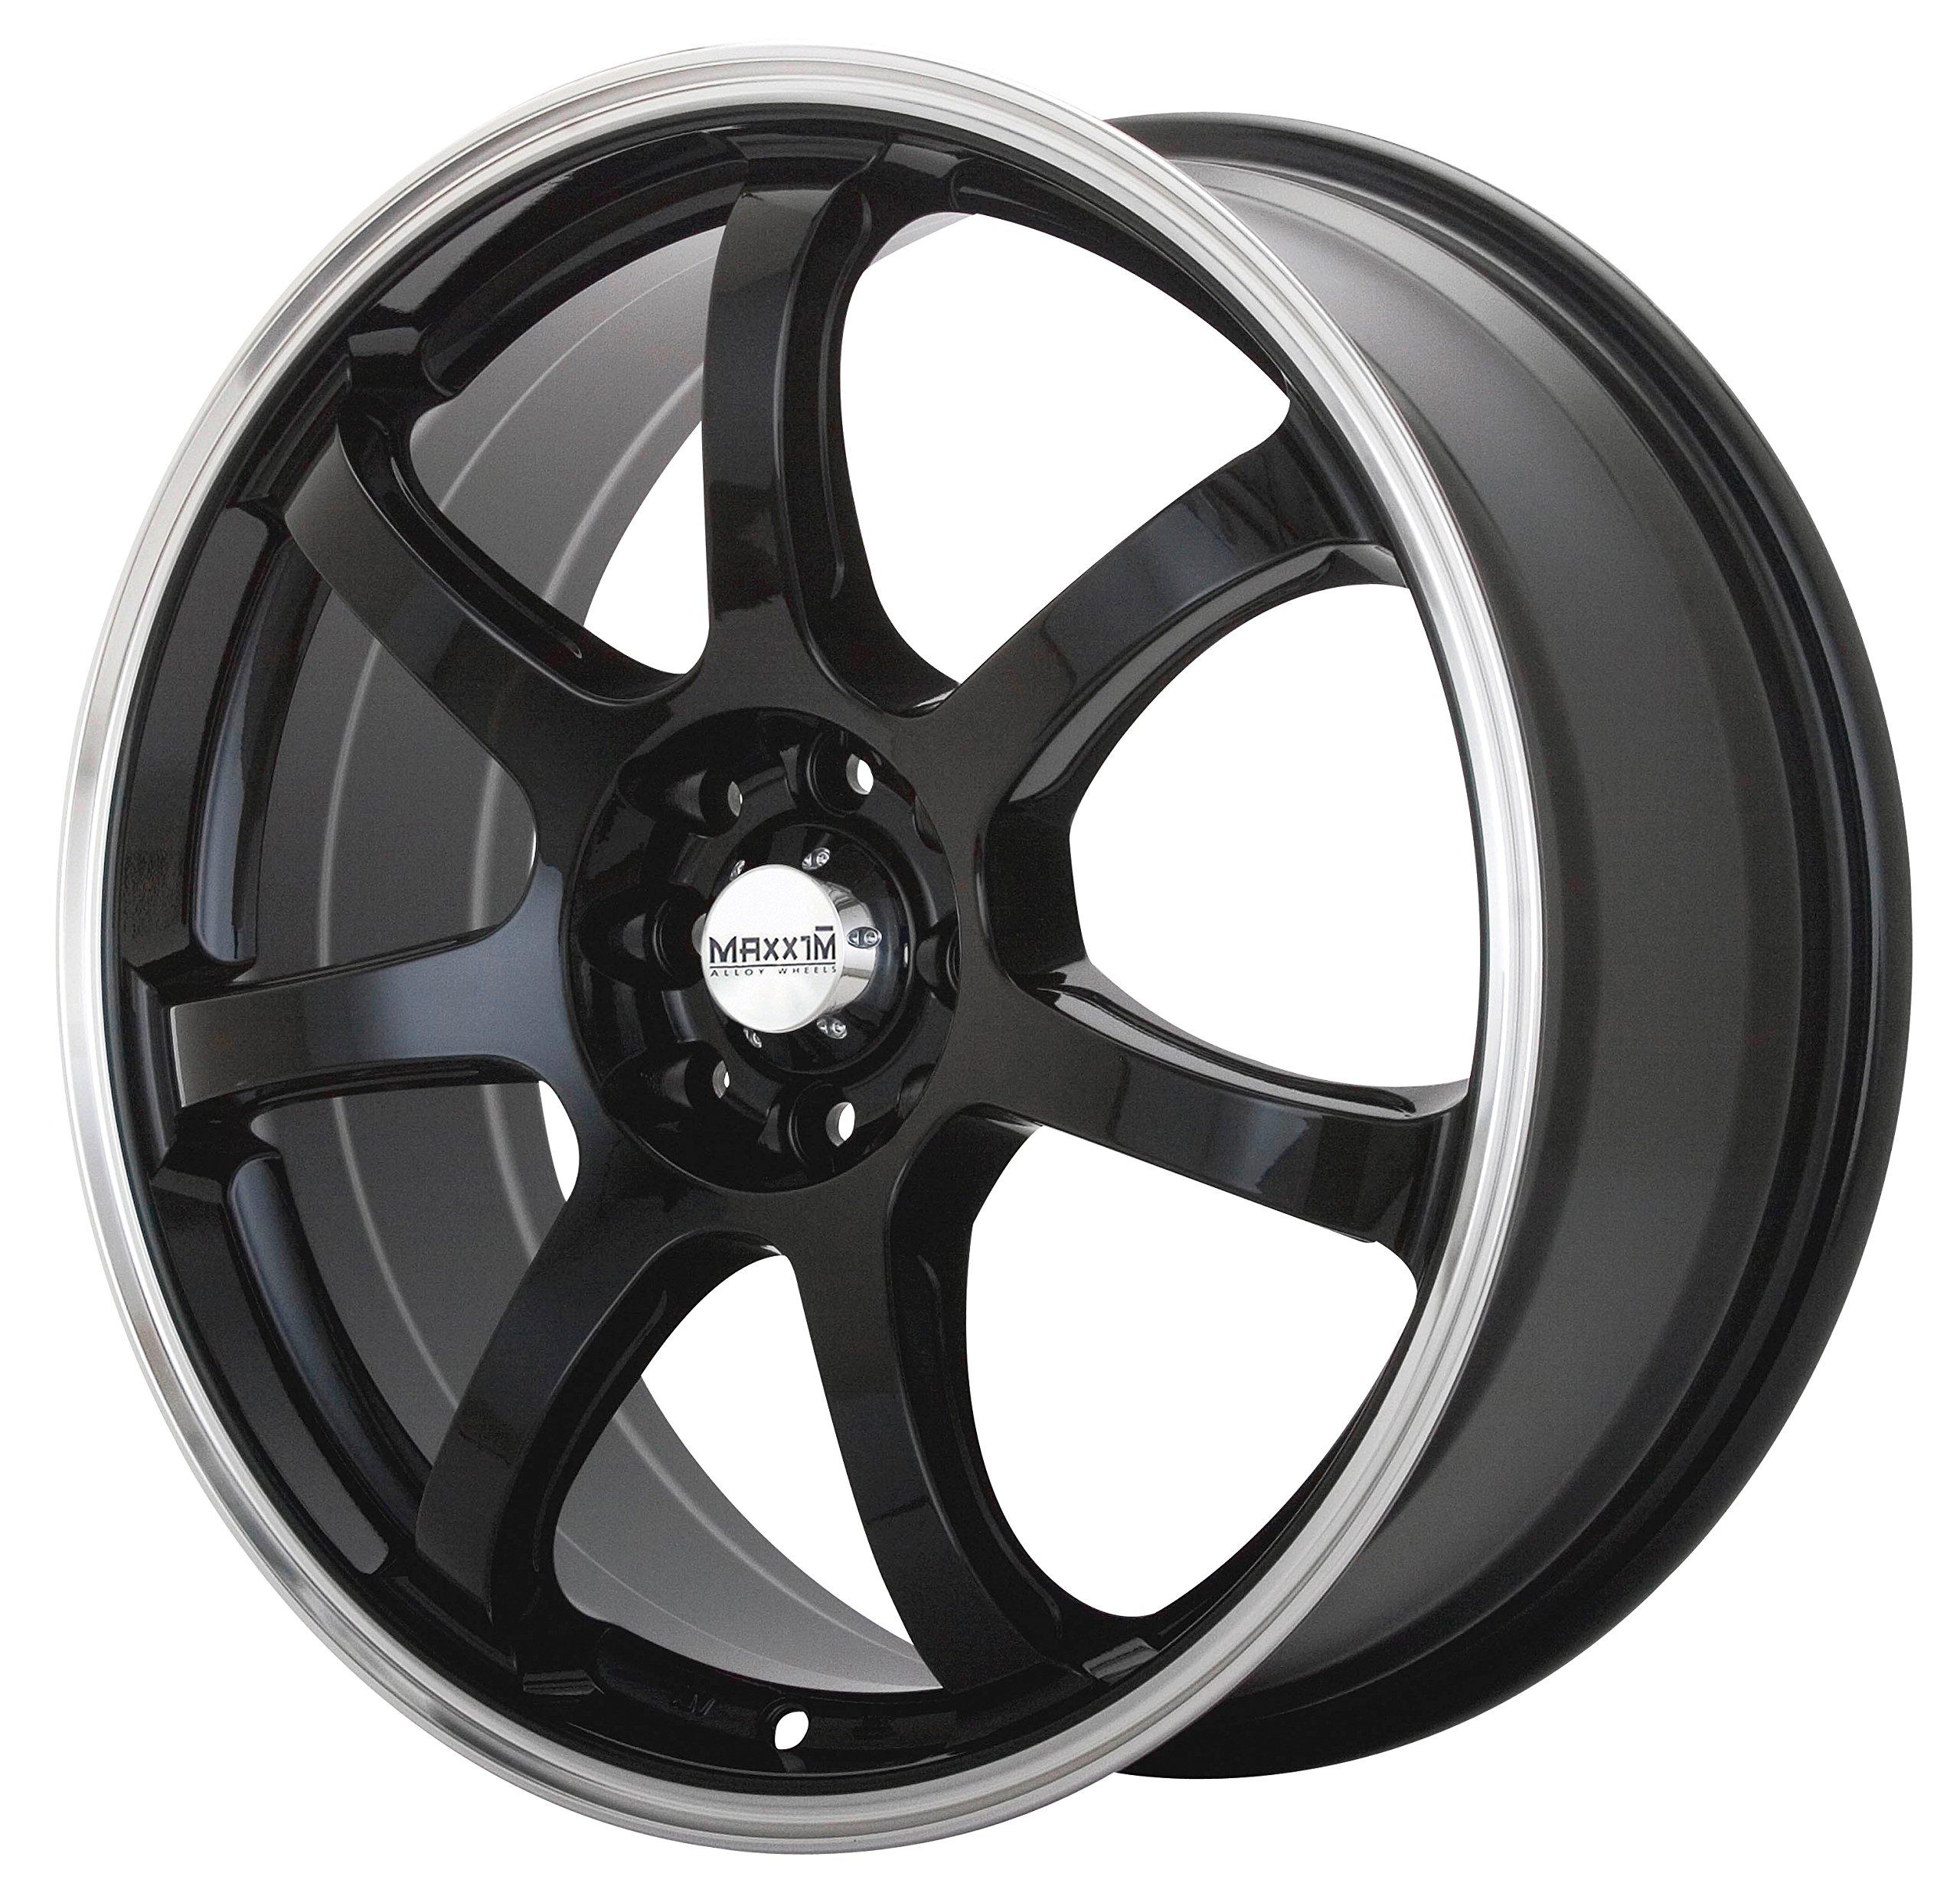 Maxxim Knight Black Wheel with Machined Lip (15x6.5''/5x100mm)